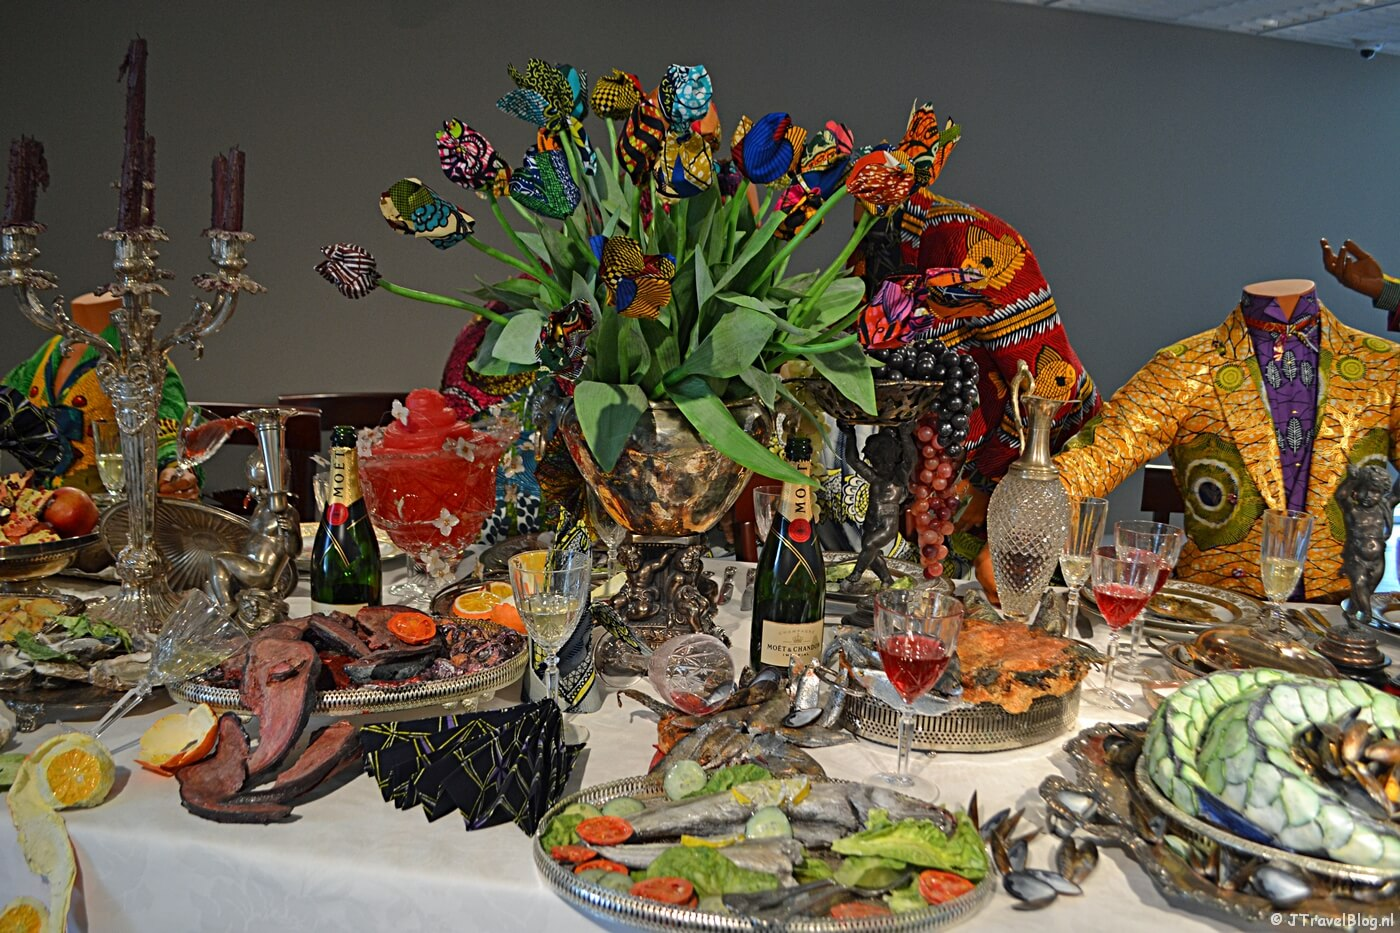 Kunstwerk 'Last supper' van kunstenaar Yinka Shonibare, naar de muurschildering van Leonardo da Vinci, uitbeeldende het laatste avondmaal (verhaal uit de Bijbel) in het LAM (Lisser Art Museum) in Lisse